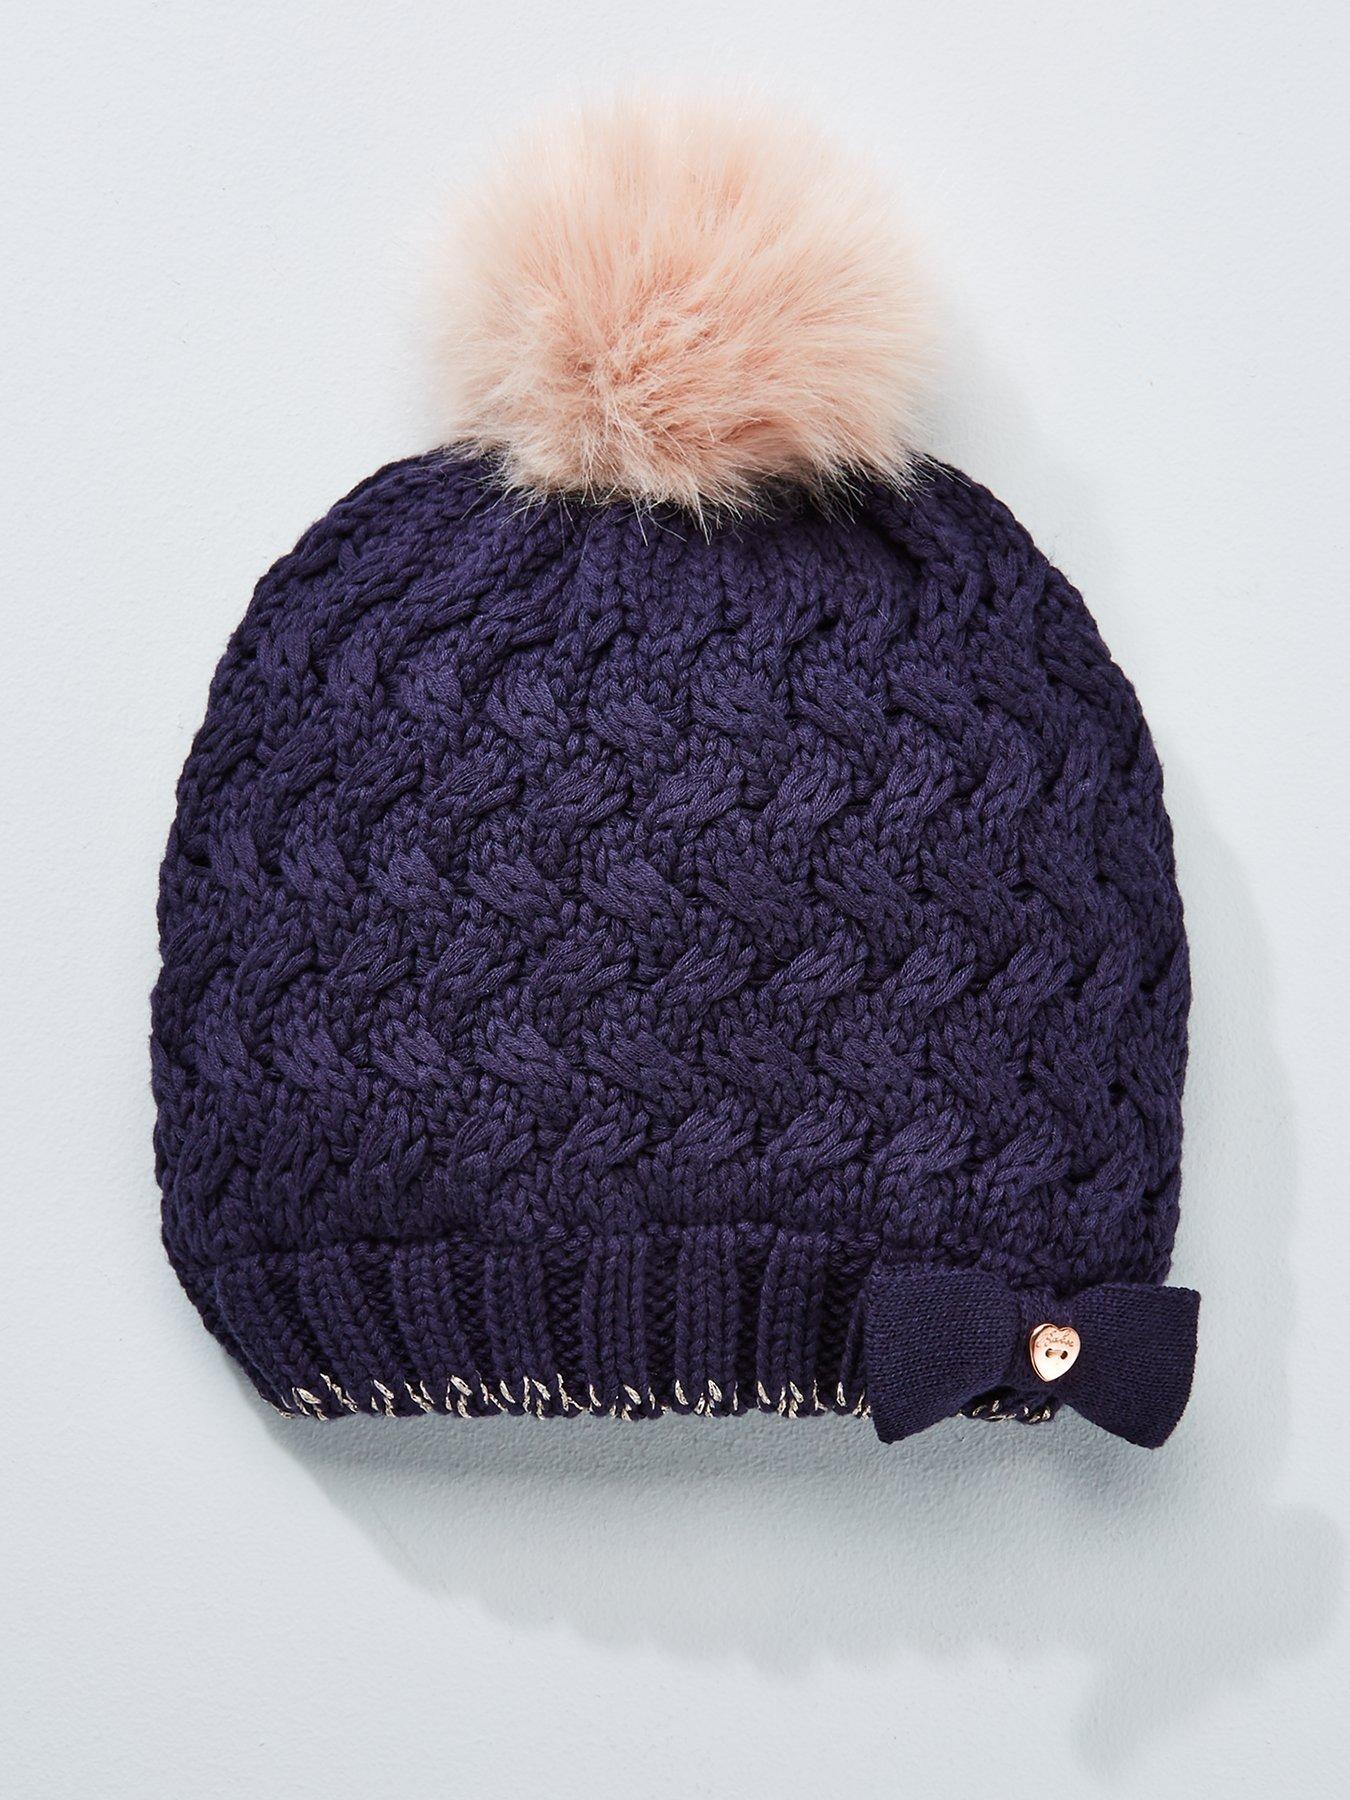 c9ea5ee09 ebay baby boy knitted pom pom hats xl ef0ab 53542